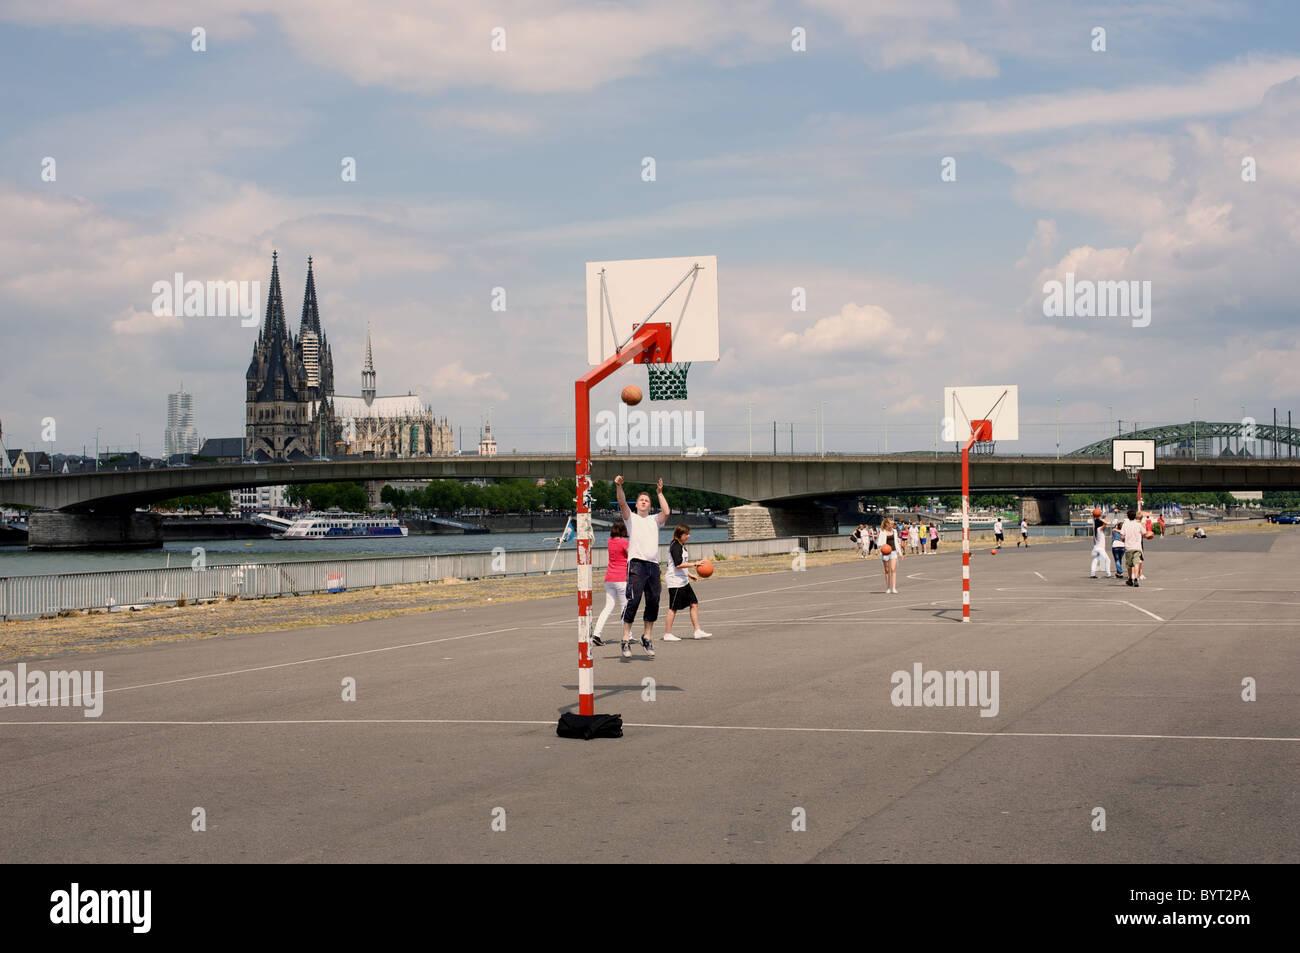 Scolari giocare a basket accanto al fiume Reno a Colonia, Germania. Immagini Stock